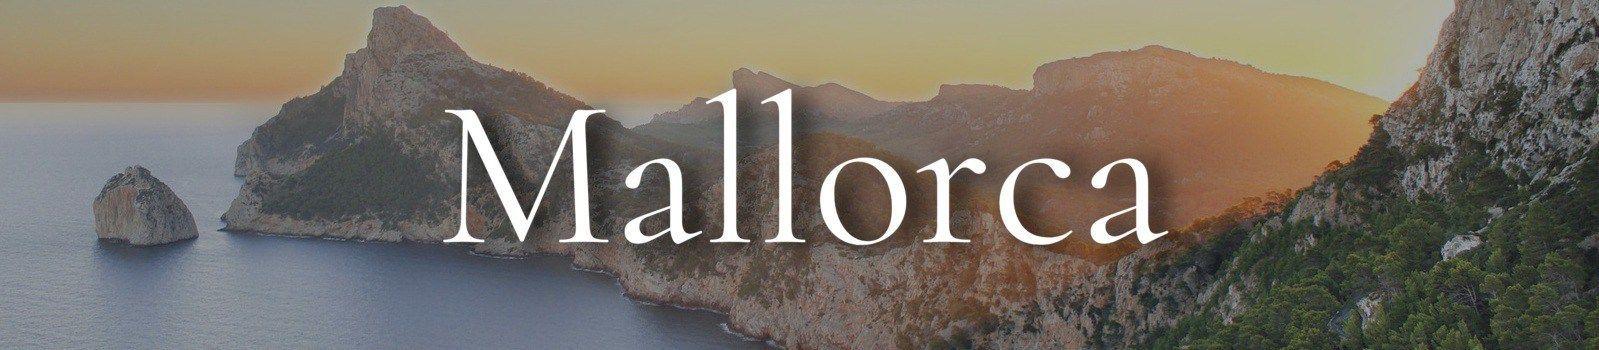 Mallorca Urlaub Banner